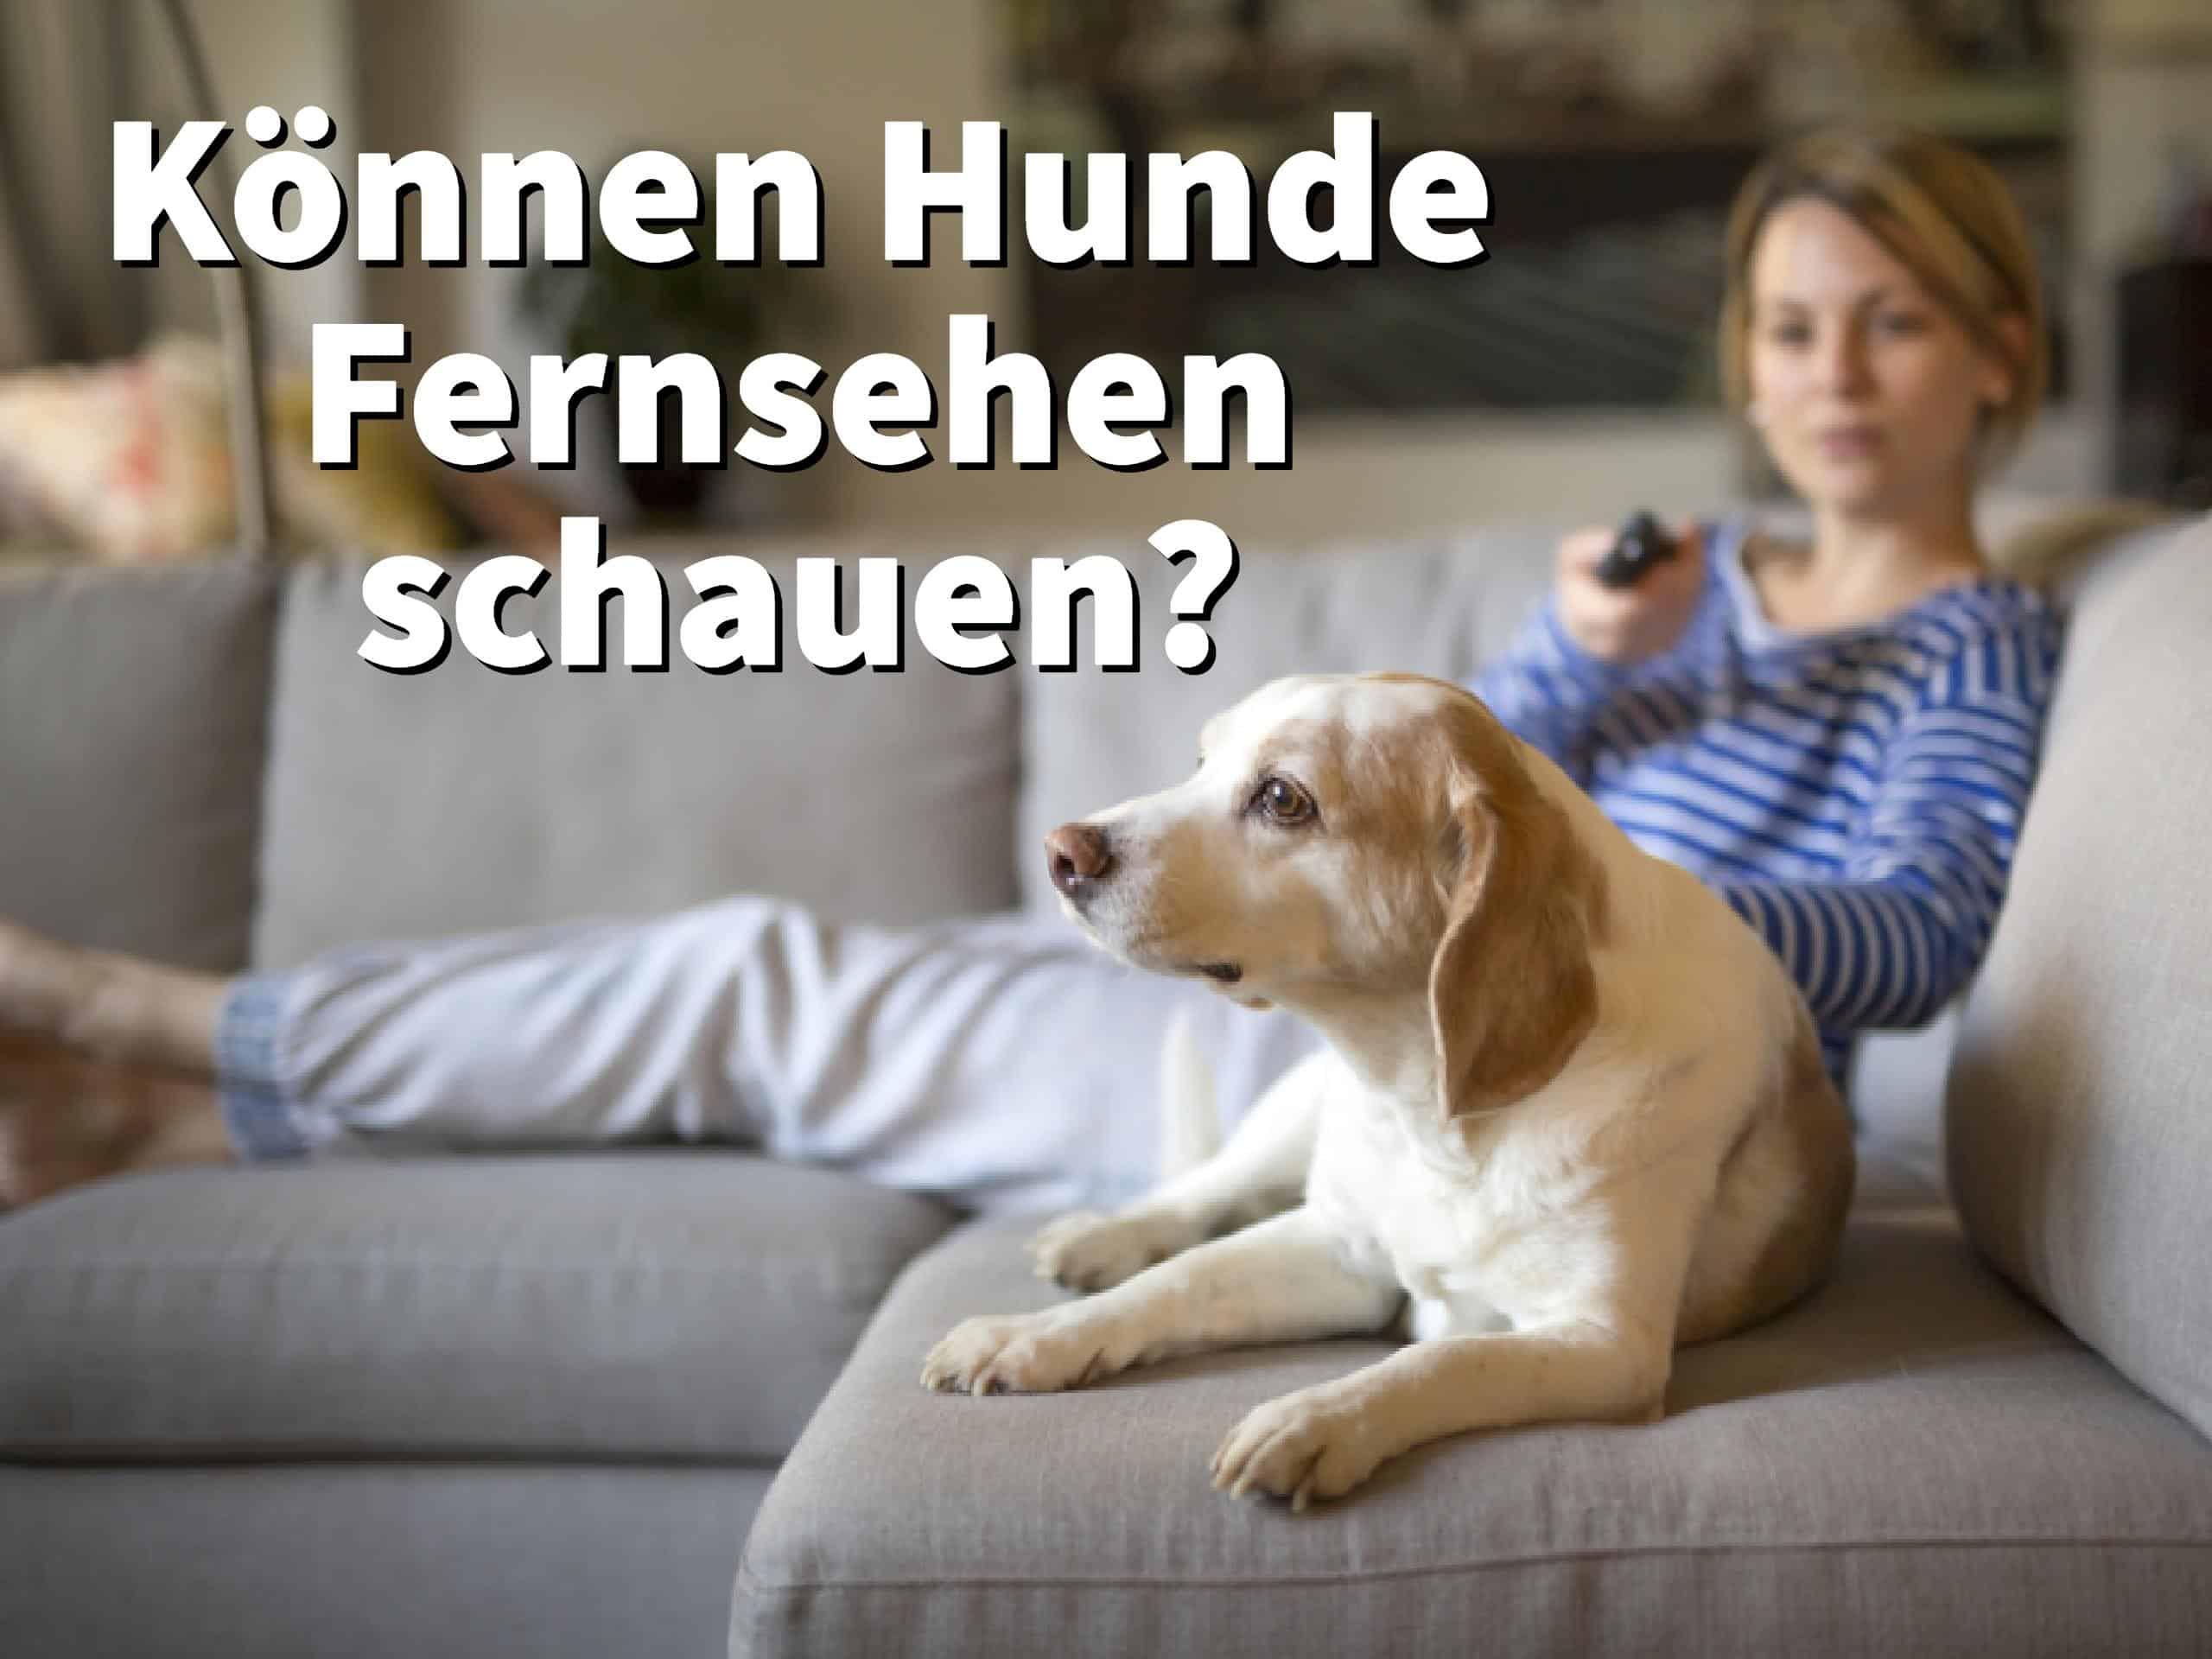 Können Hunde Fernsehen